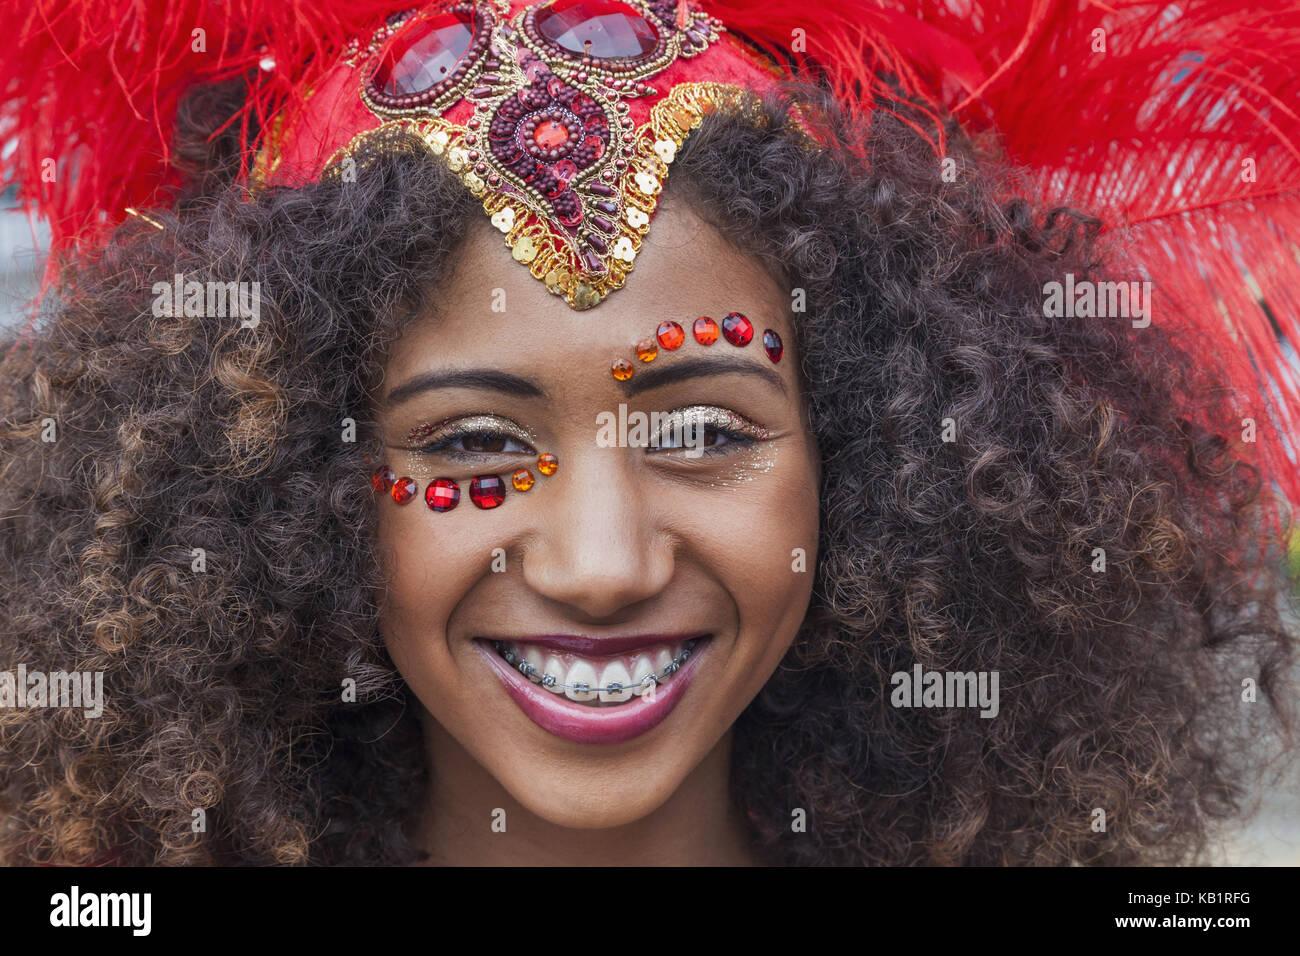 L'Angleterre, Londres, Notting Hill Carnival, femme, déguisement, sourire, portrait, Photo Stock